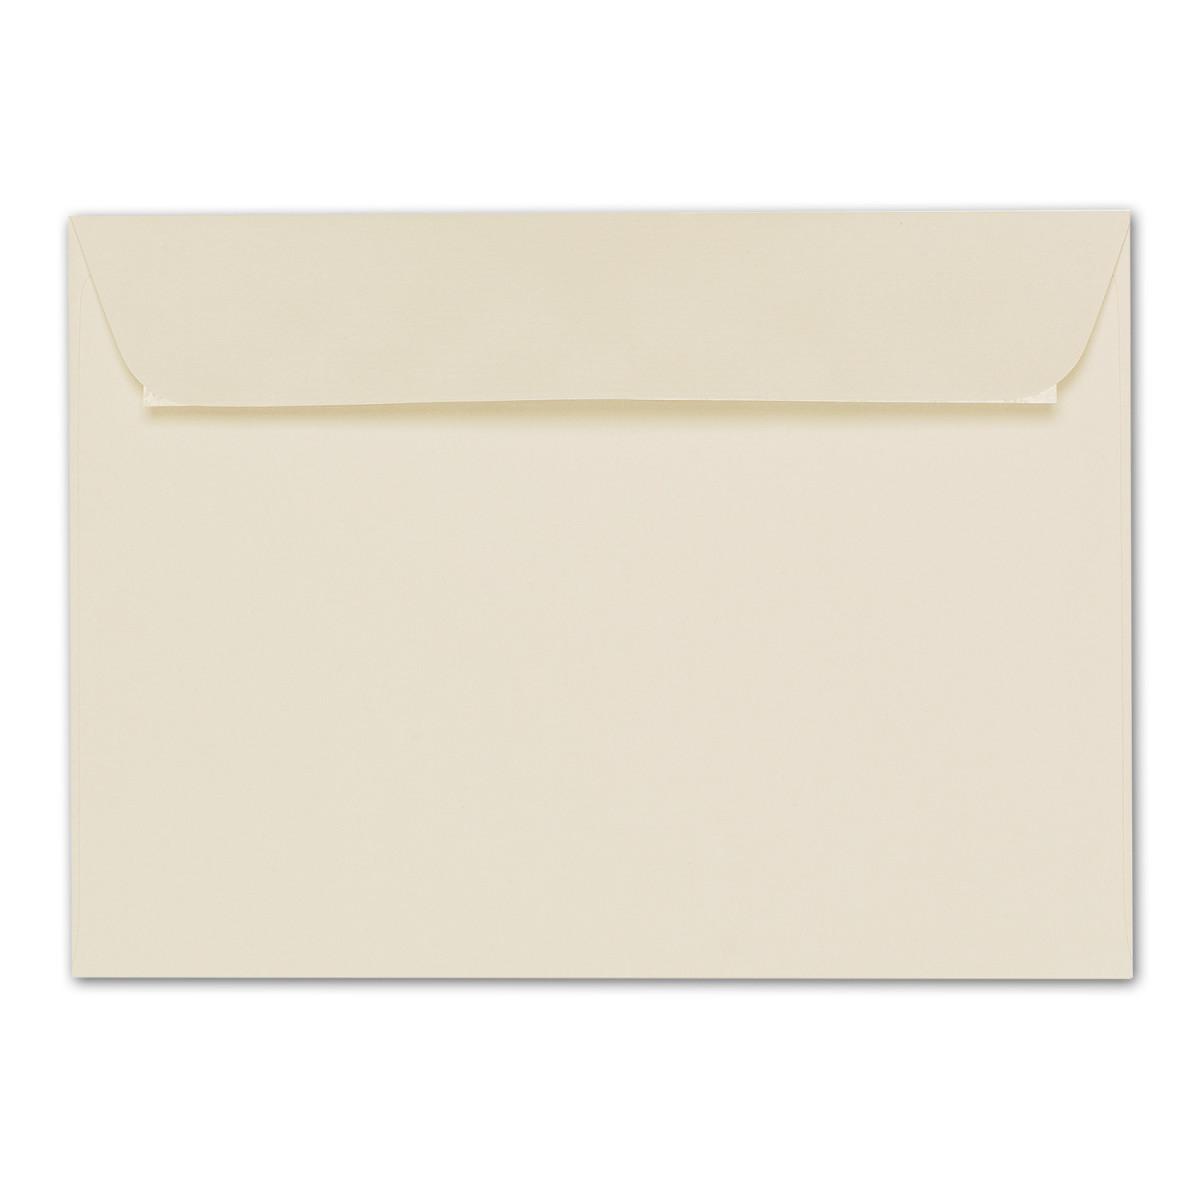 Kuvert ohne Fenster 220 x 110 mm DL C5//C6 ARTOZ 50x Briefumschl/äge DIN Lang Classic Blue 100 g//m/² SEIDENFUTTER - Umschl/äge Nassklebung mit Gummierung